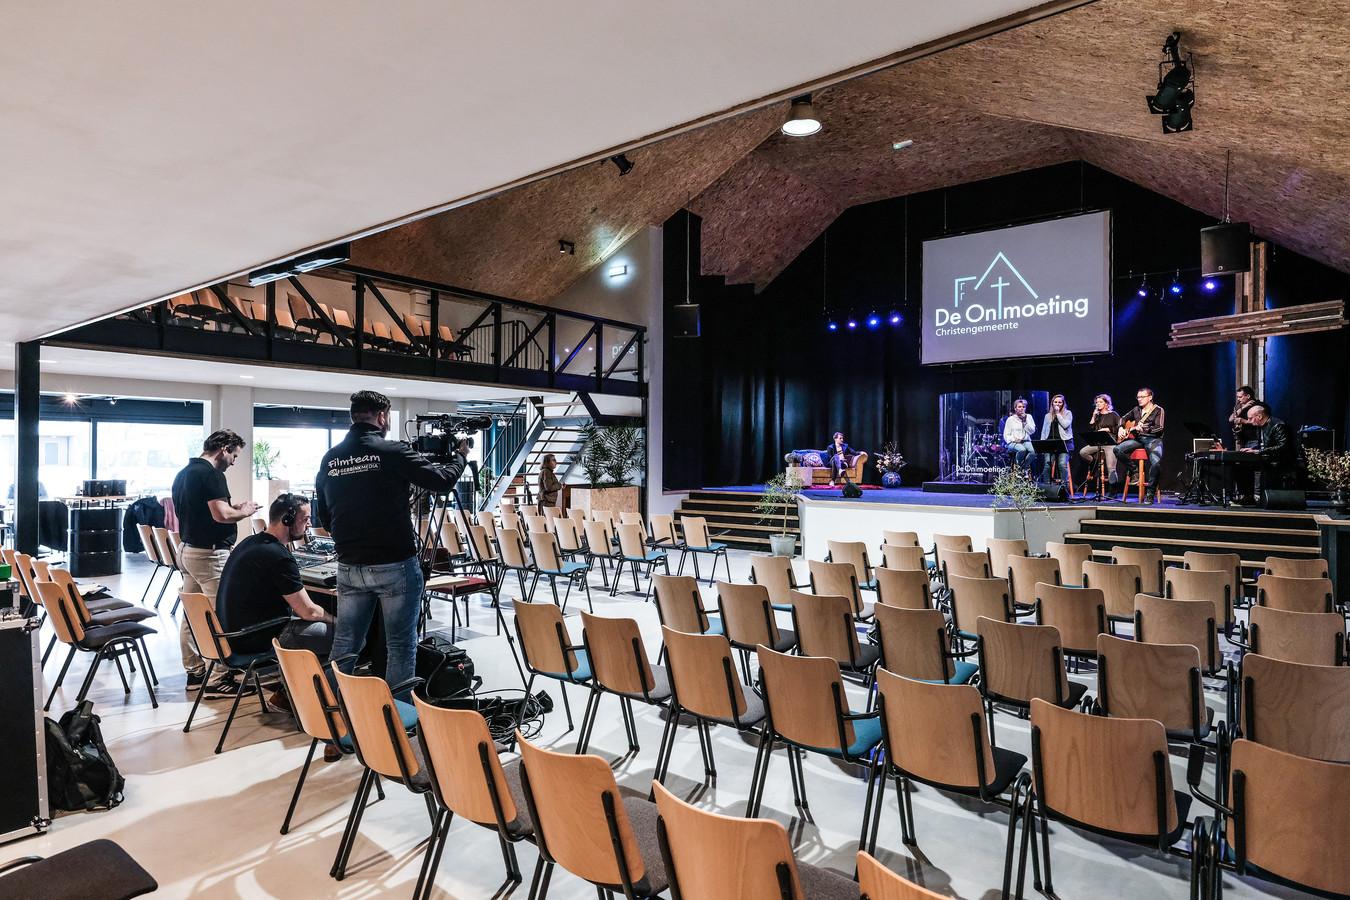 Dienst van christengemeente De Ontmoeting in Winterswijk voor een lege zaal.